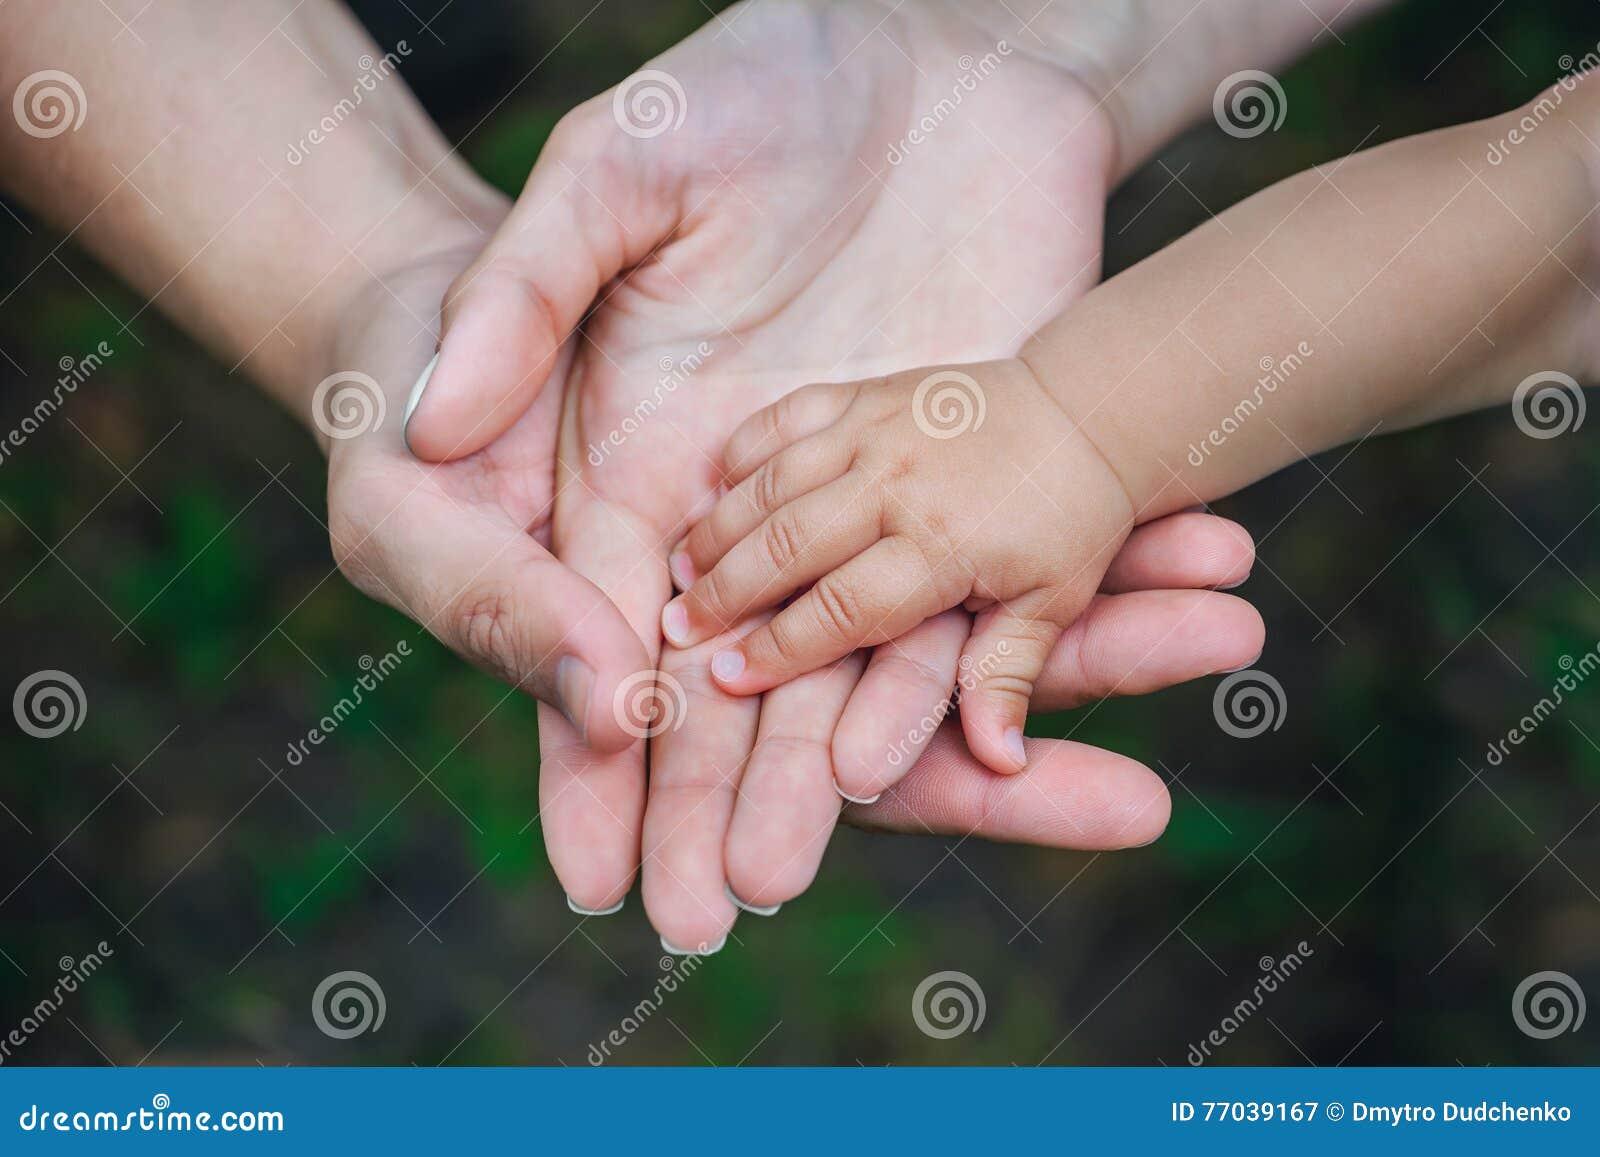 Drie handen van dezelfde familie - de vader, de moeder en de baby blijven samen Het concept familieeenheid, bescherming, steun